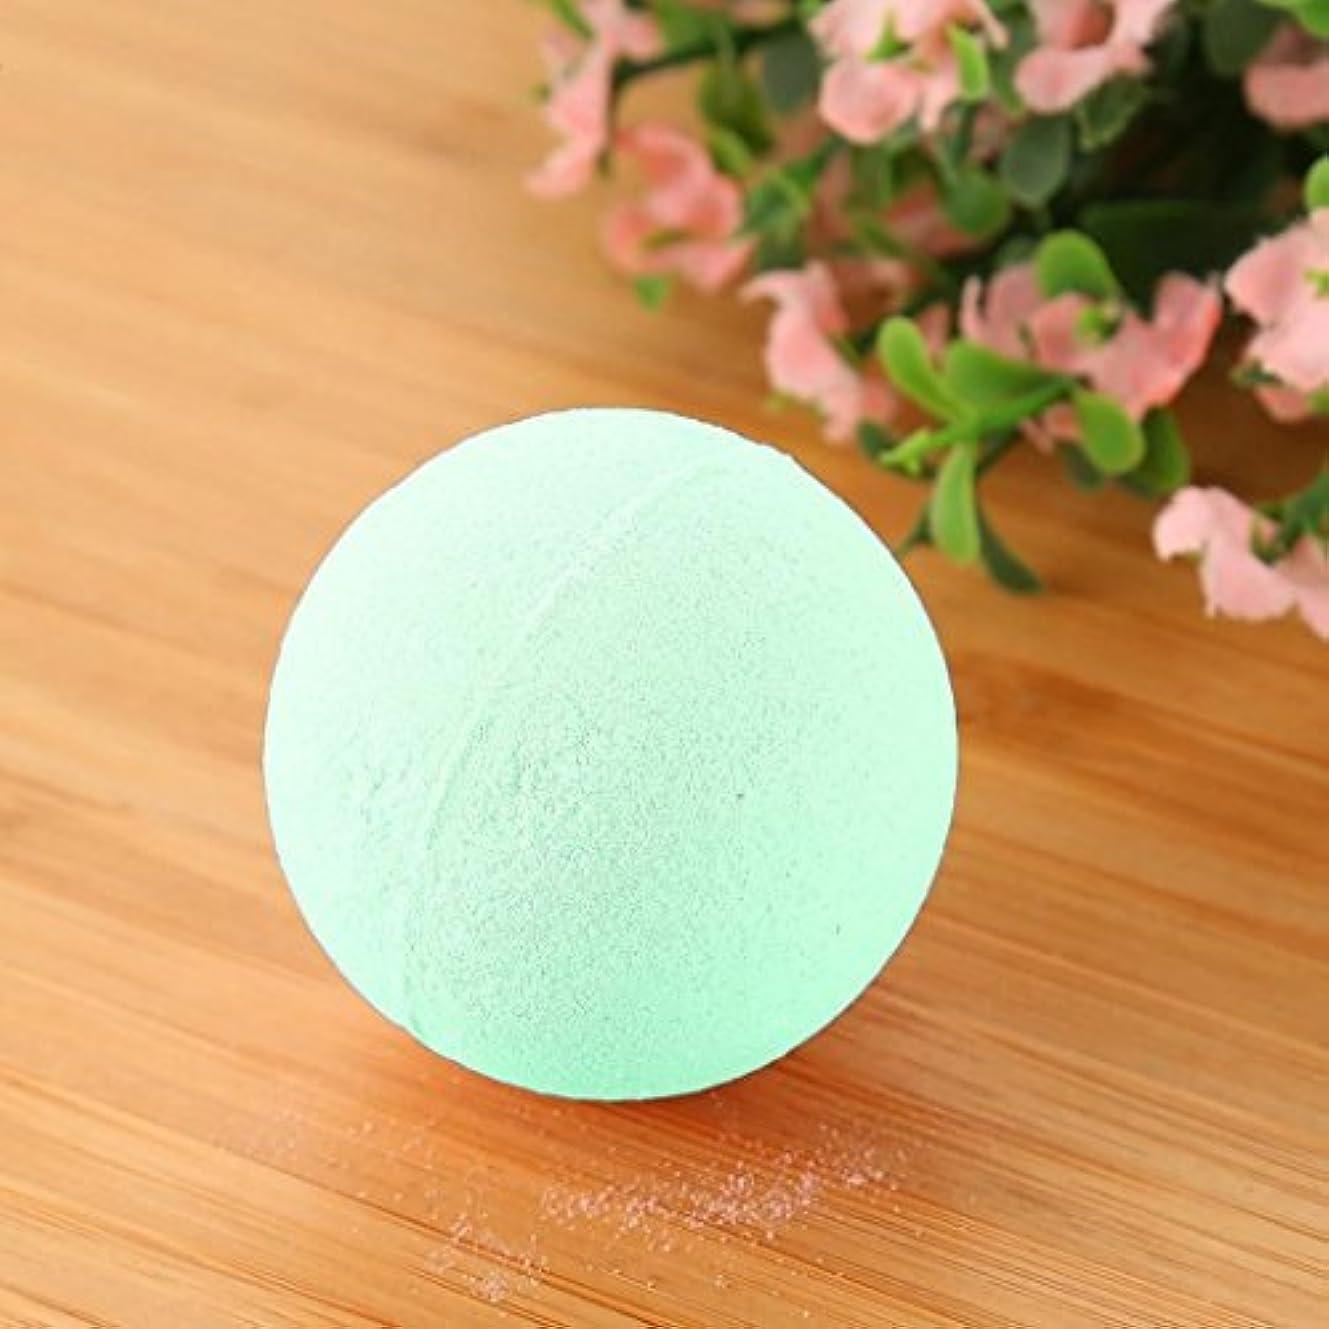 緊張販売計画荒野女性のための塩ソルトボールプレゼントリラックス泡風呂